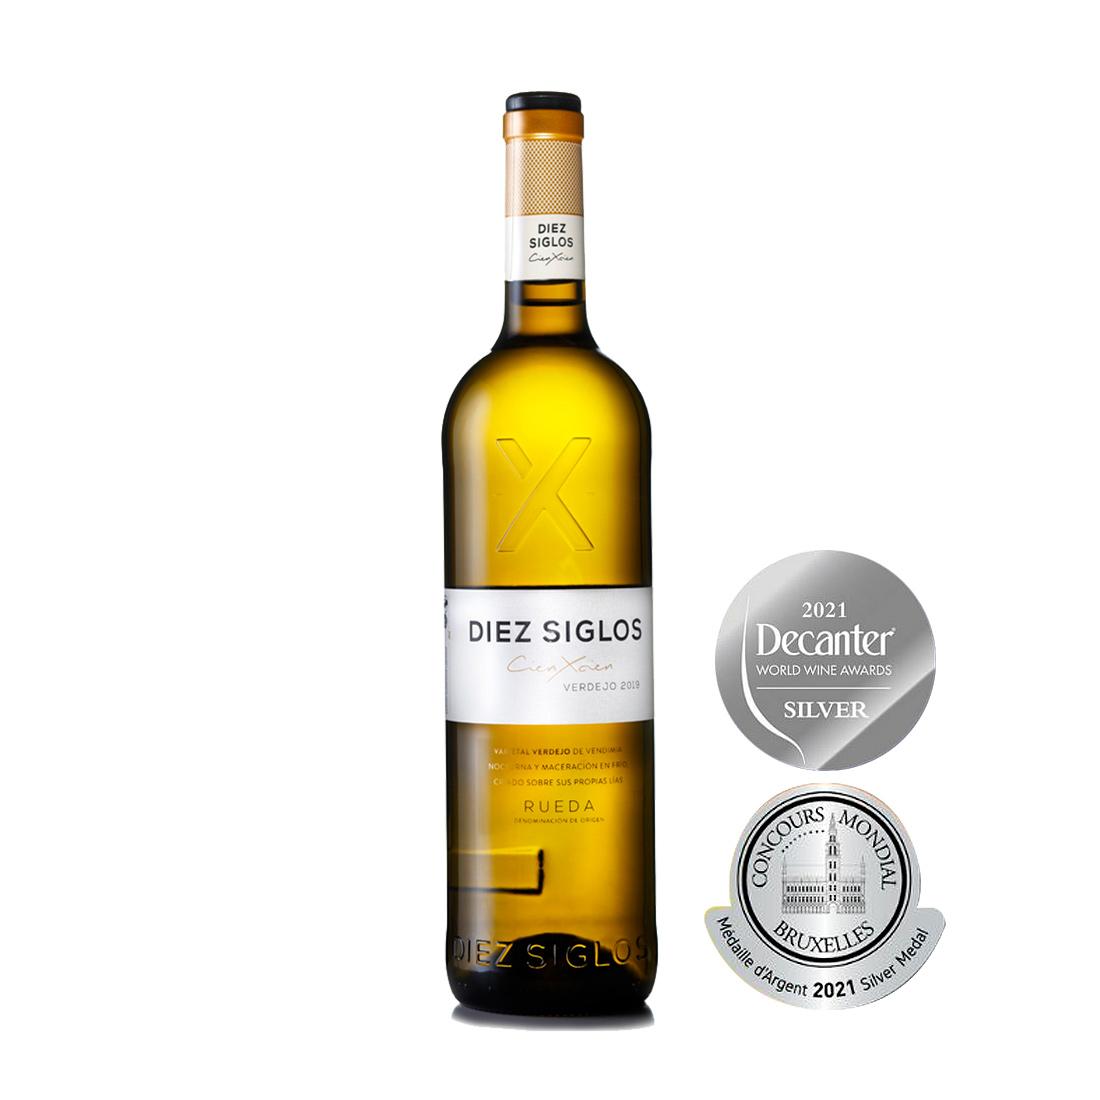 Diez Siglos Cien x Cien - Diez Siglos de Verdejo - Vino Blanco